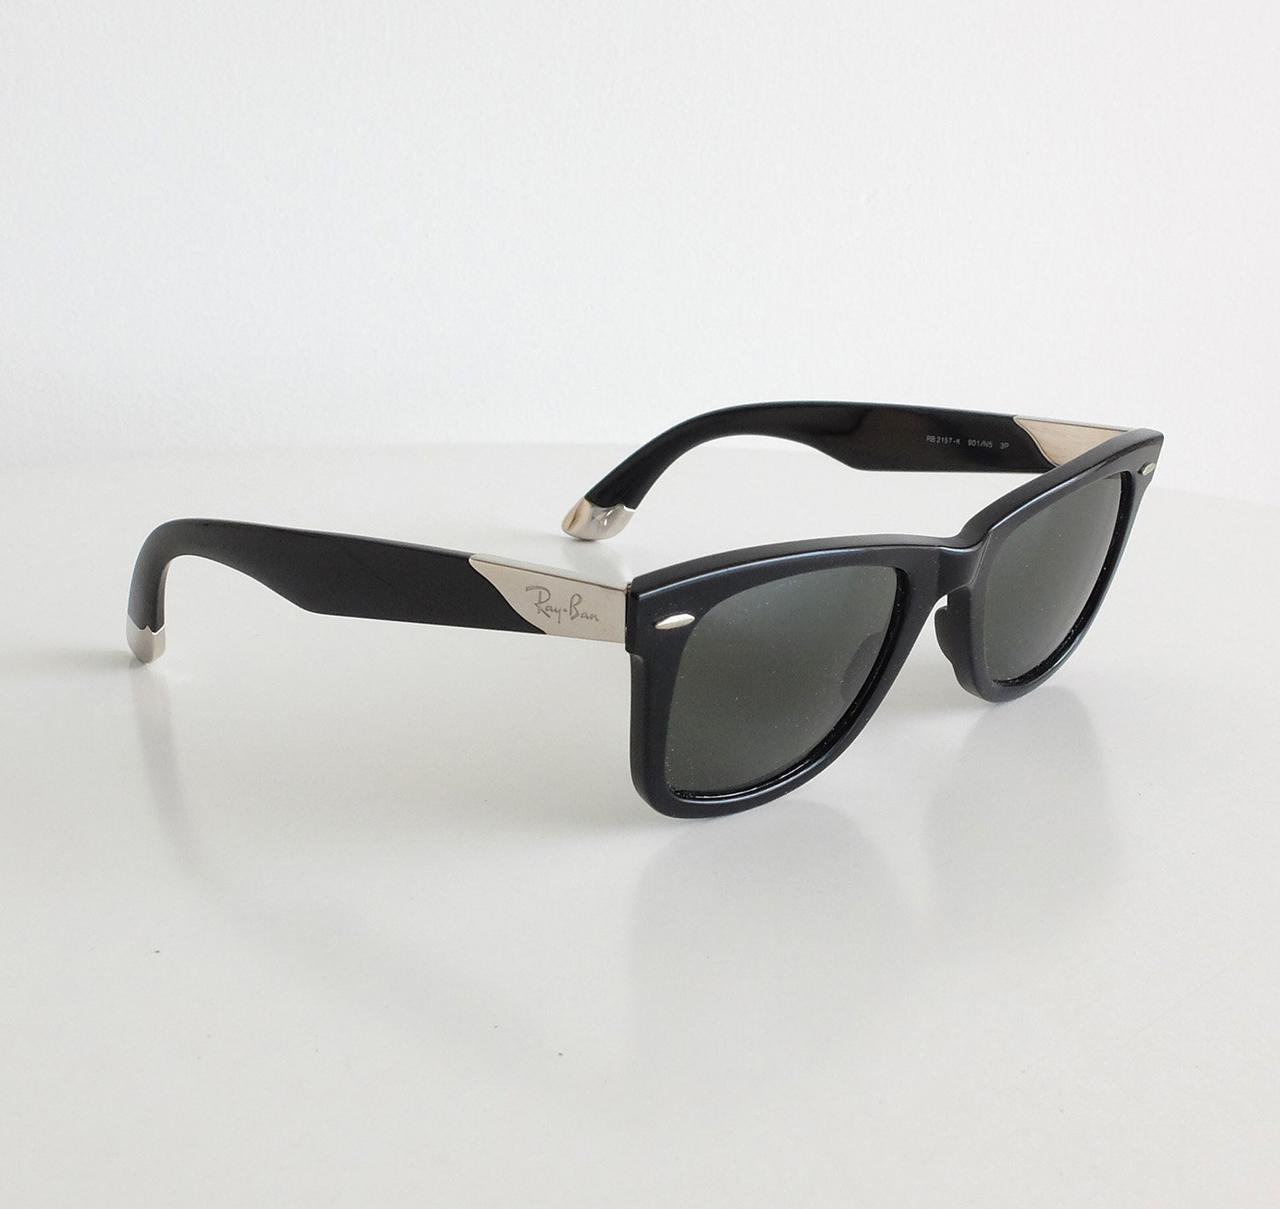 35db64fe3021 Солнцезащитные очки Ray-Ban Wayfarer 2157-k Black. Полный комплект -  TRENDMART в